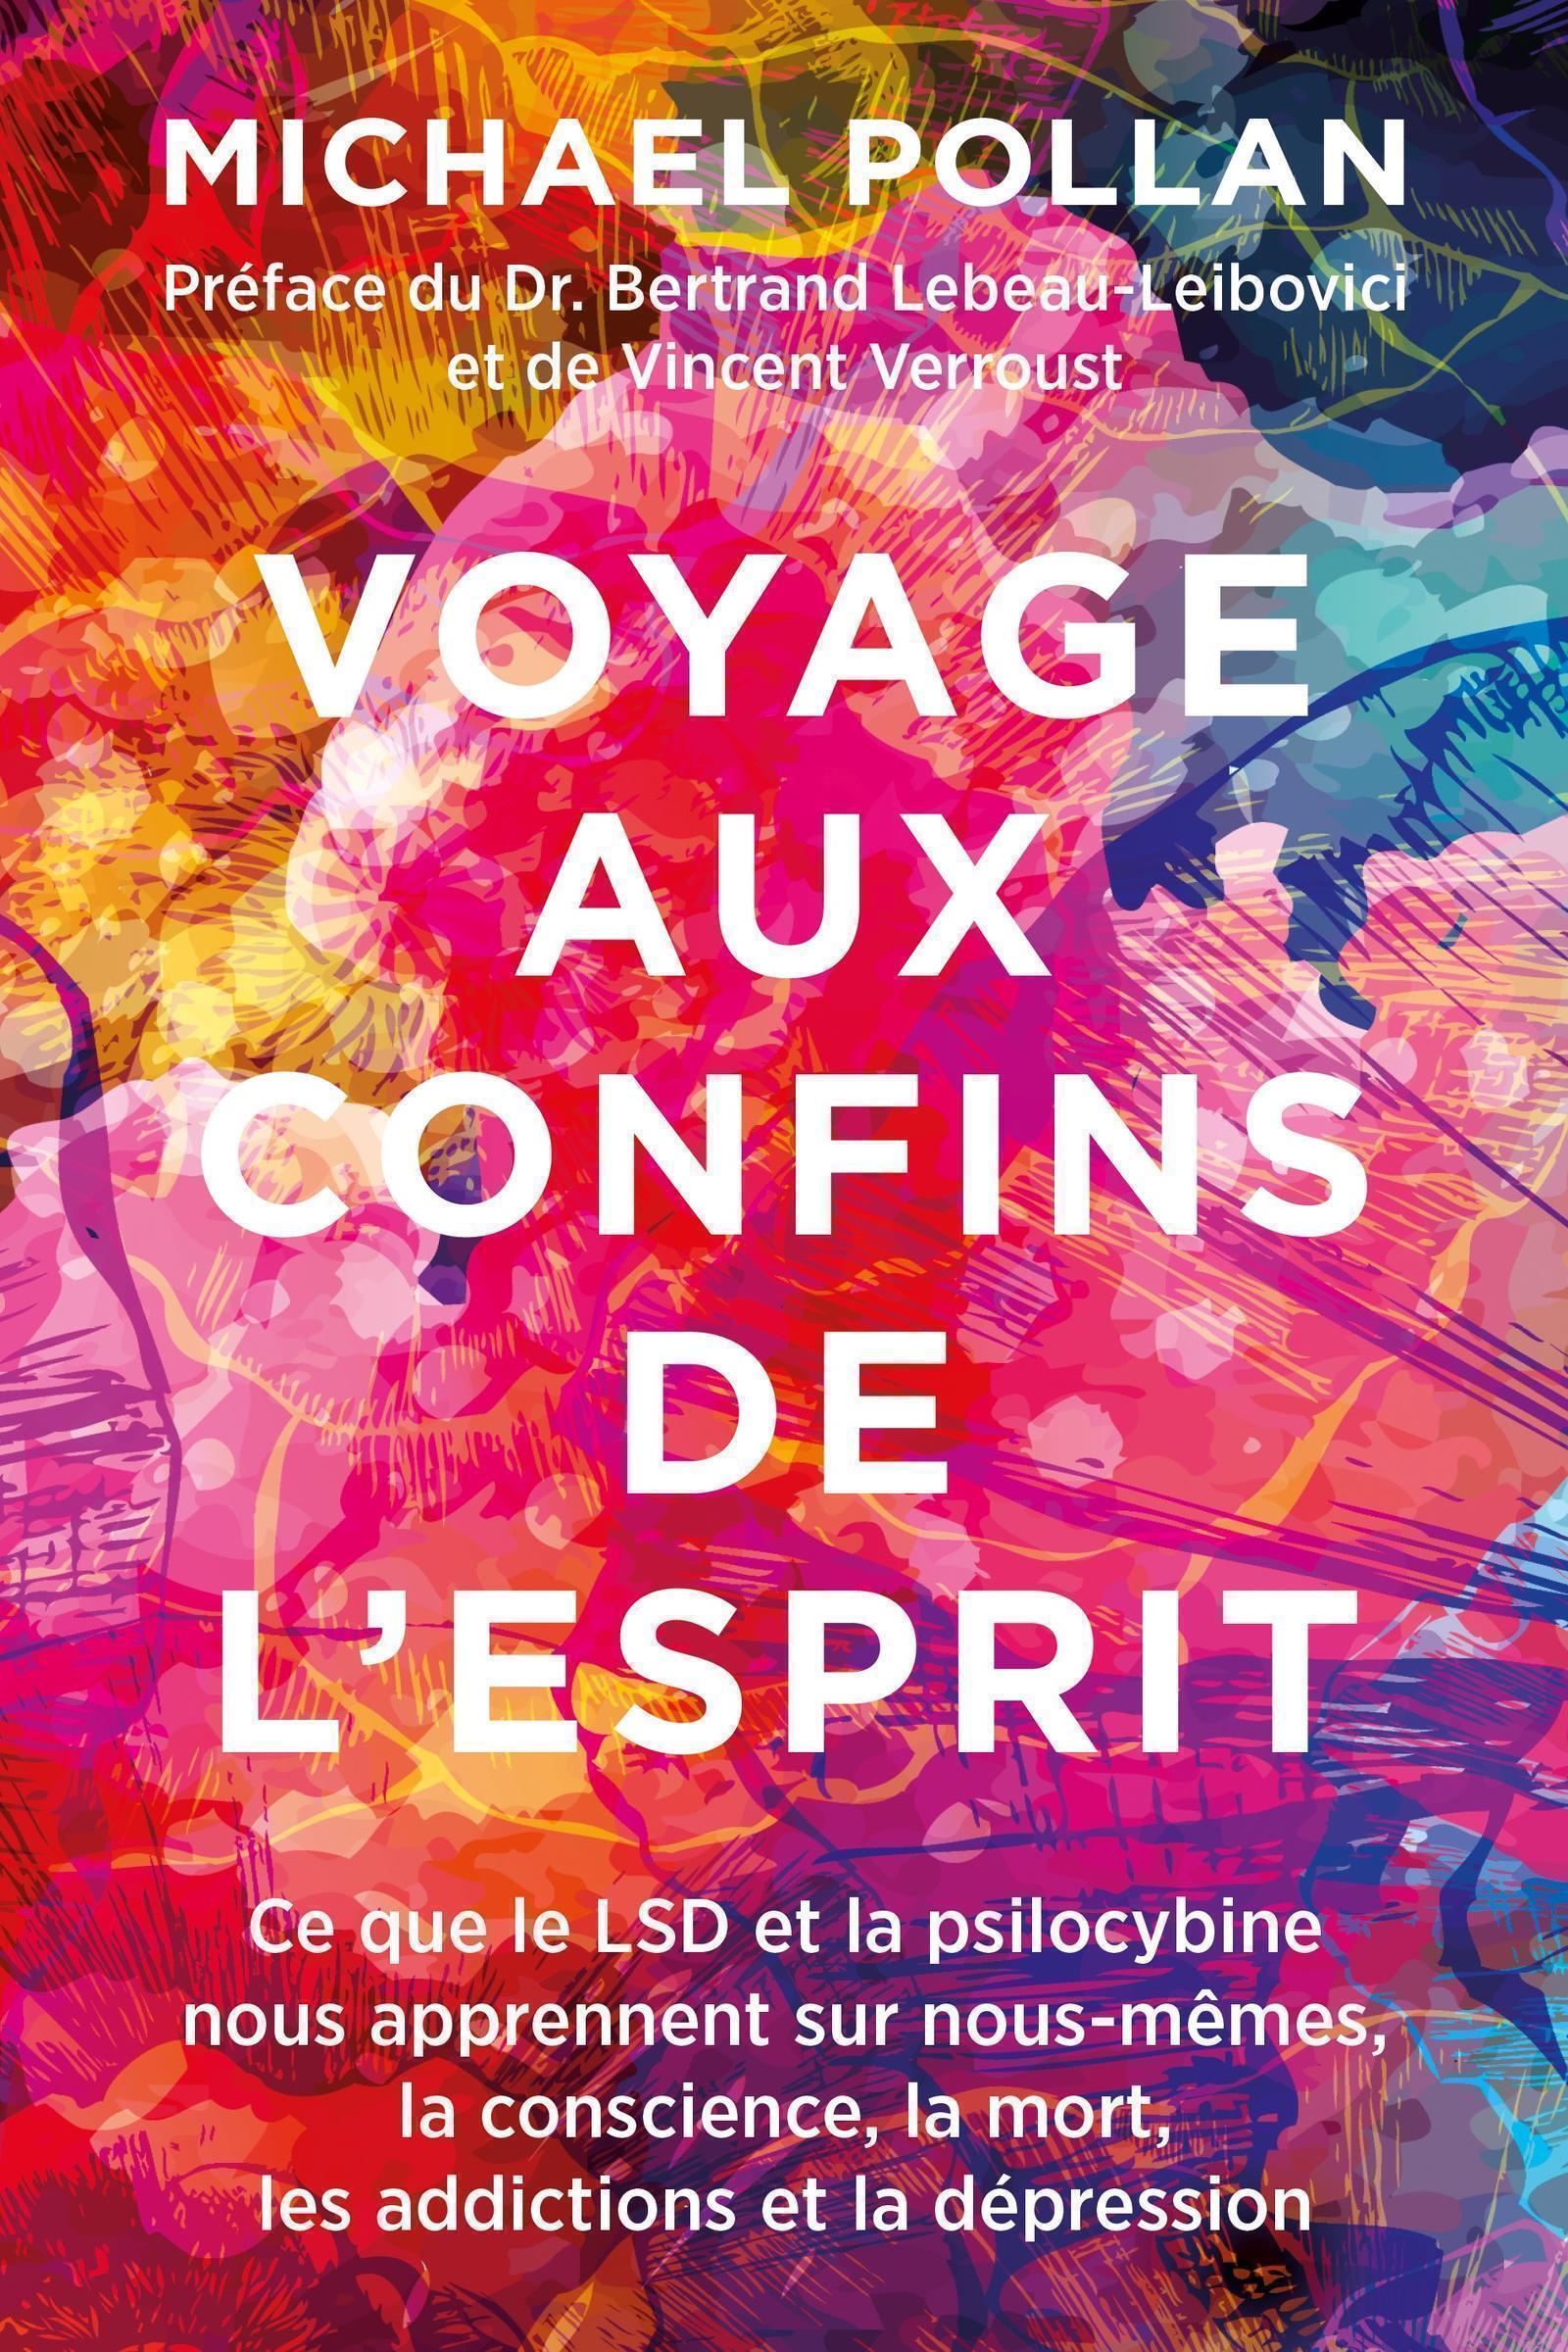 VOYAGE AUX CONFINS DE L'ESPRIT - CE QUE LE LSD ET LA PSILOCYBINE NOUS APPRENNENT SUR NOUS-MEMES, LA